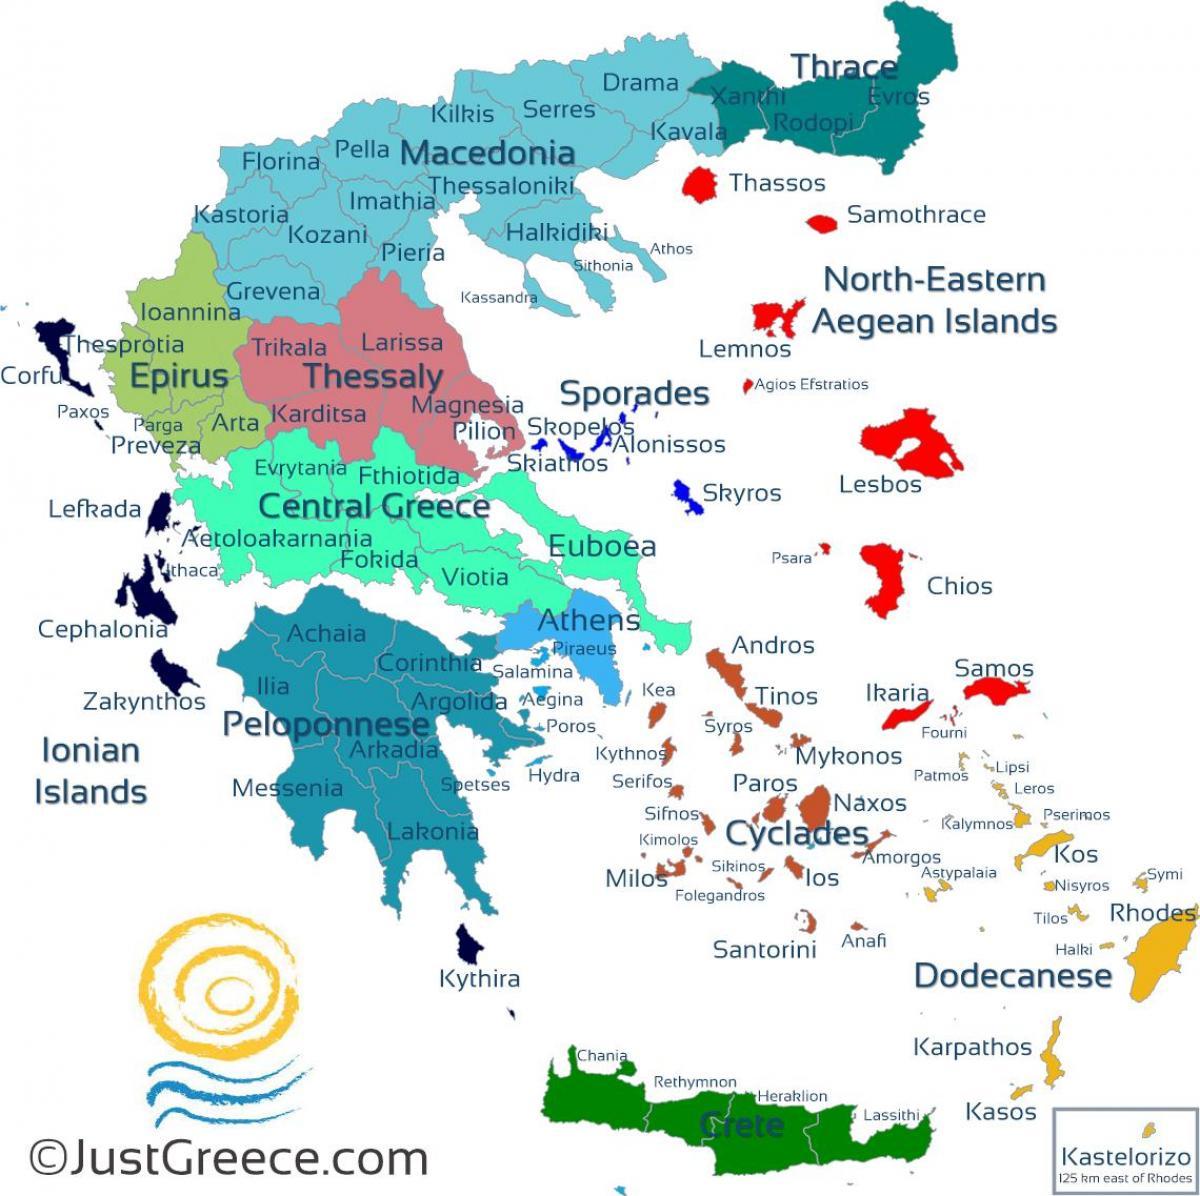 grekiska övärlden karta Karta över grekiska öar   grekiska öarna karta (Södra Europa   Europa) grekiska övärlden karta